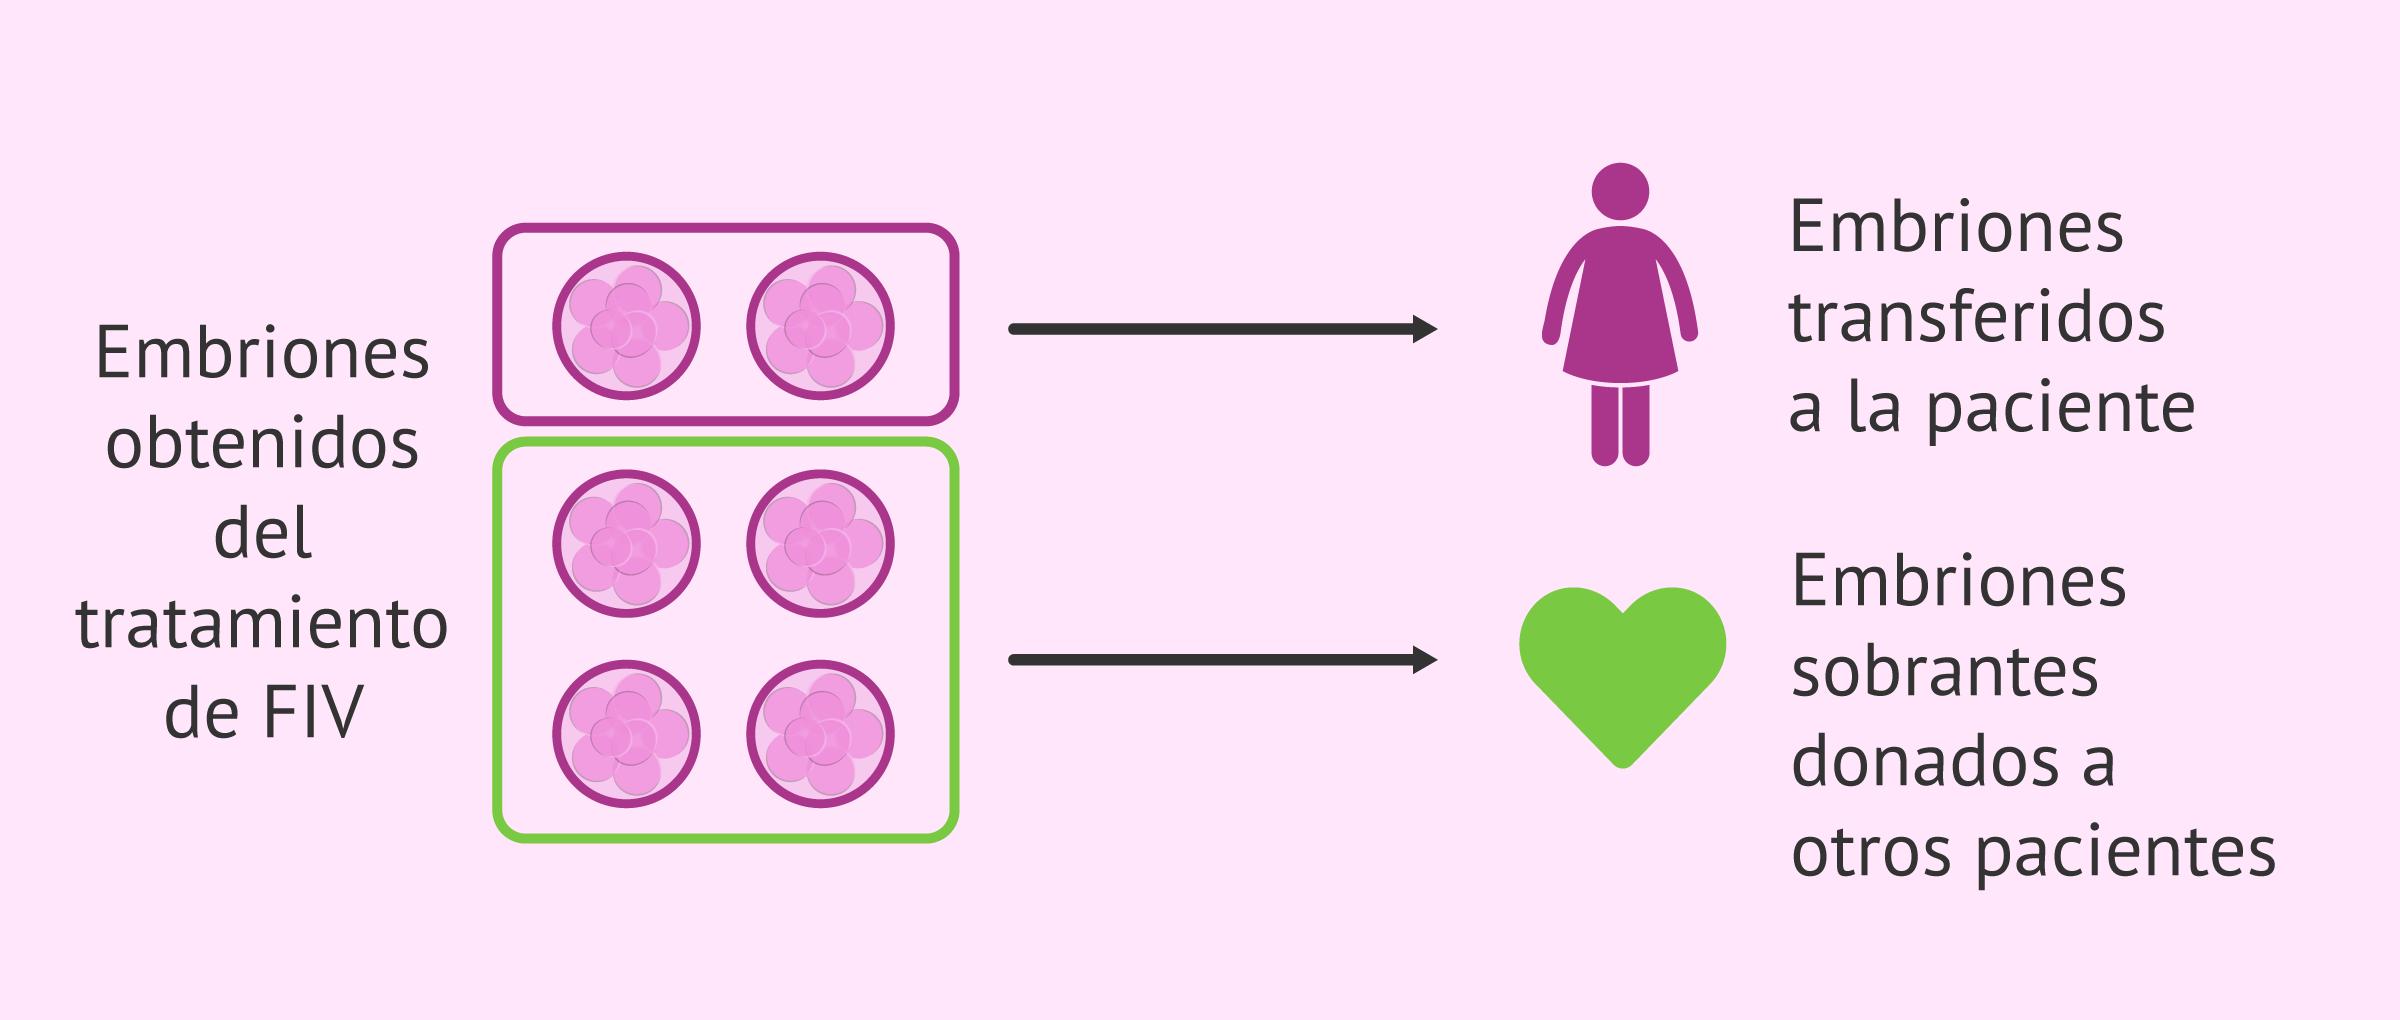 Donación de embriones o embrioadopción